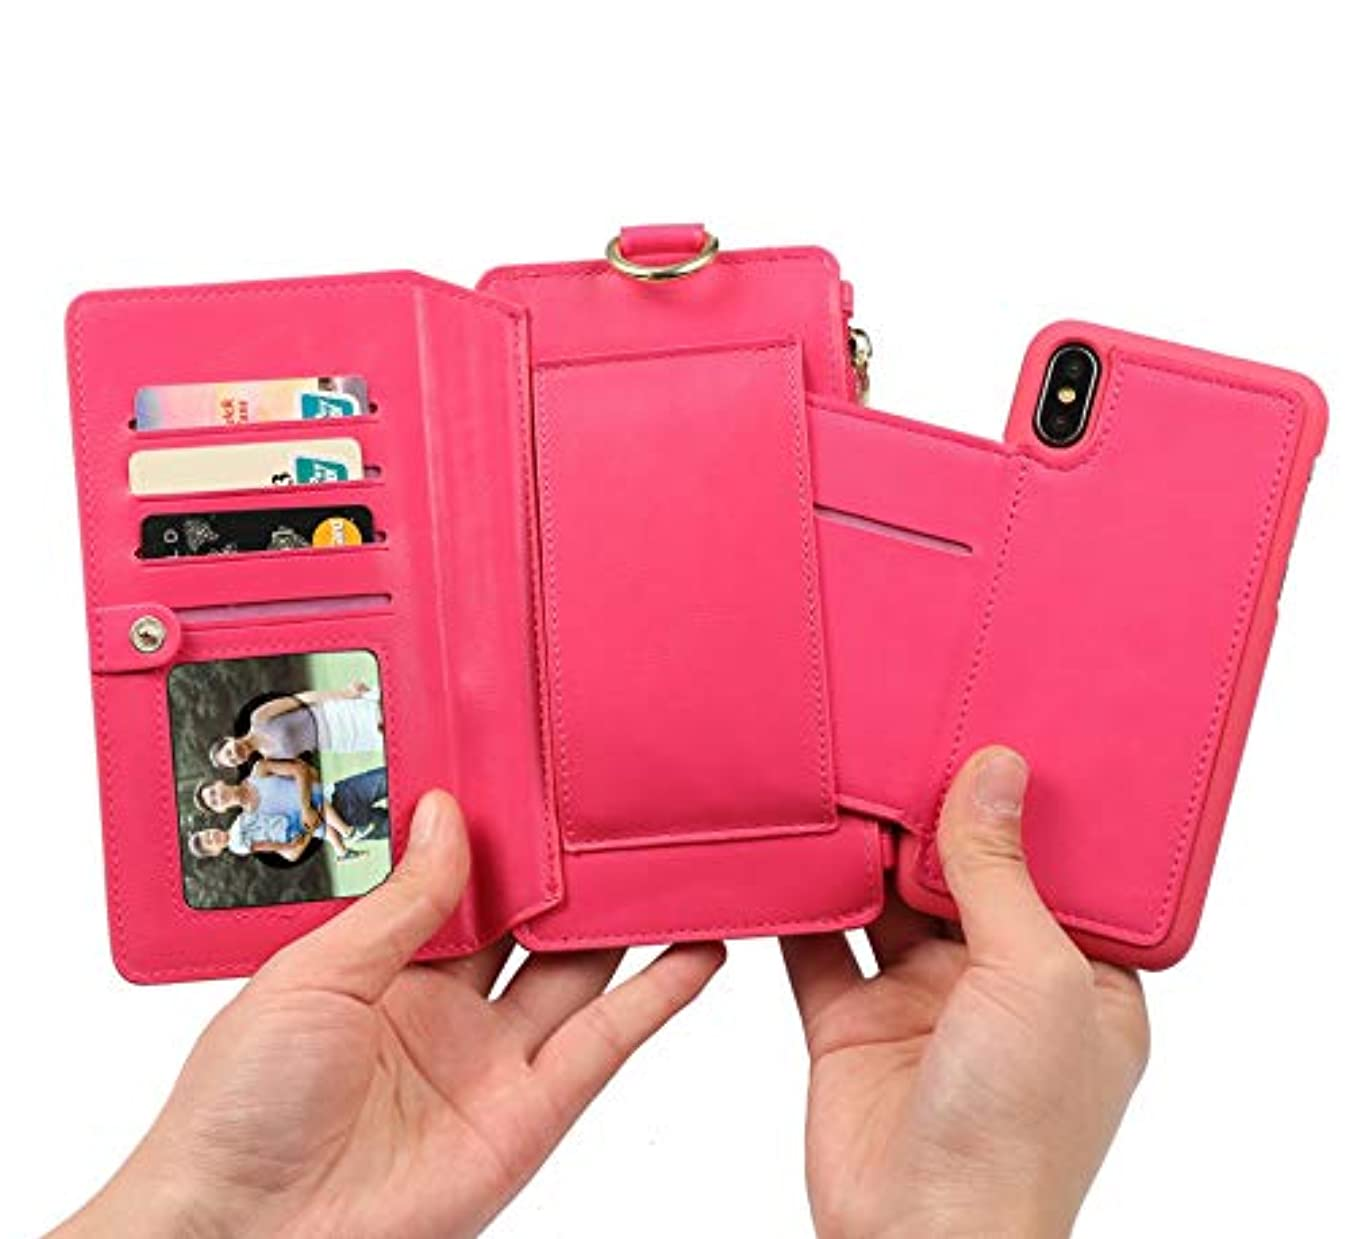 リスキーな構成する選択するiPhone 8 Plus パソコンExit包保護套 - 折りたたみ保護袖 - 立ちブラケット-ビジネススタイル-全身保護-内殻金属リング-12札入れ-相枠-取り外し可能な電話ケース財布 5.5インチiPhone 7 Plus...